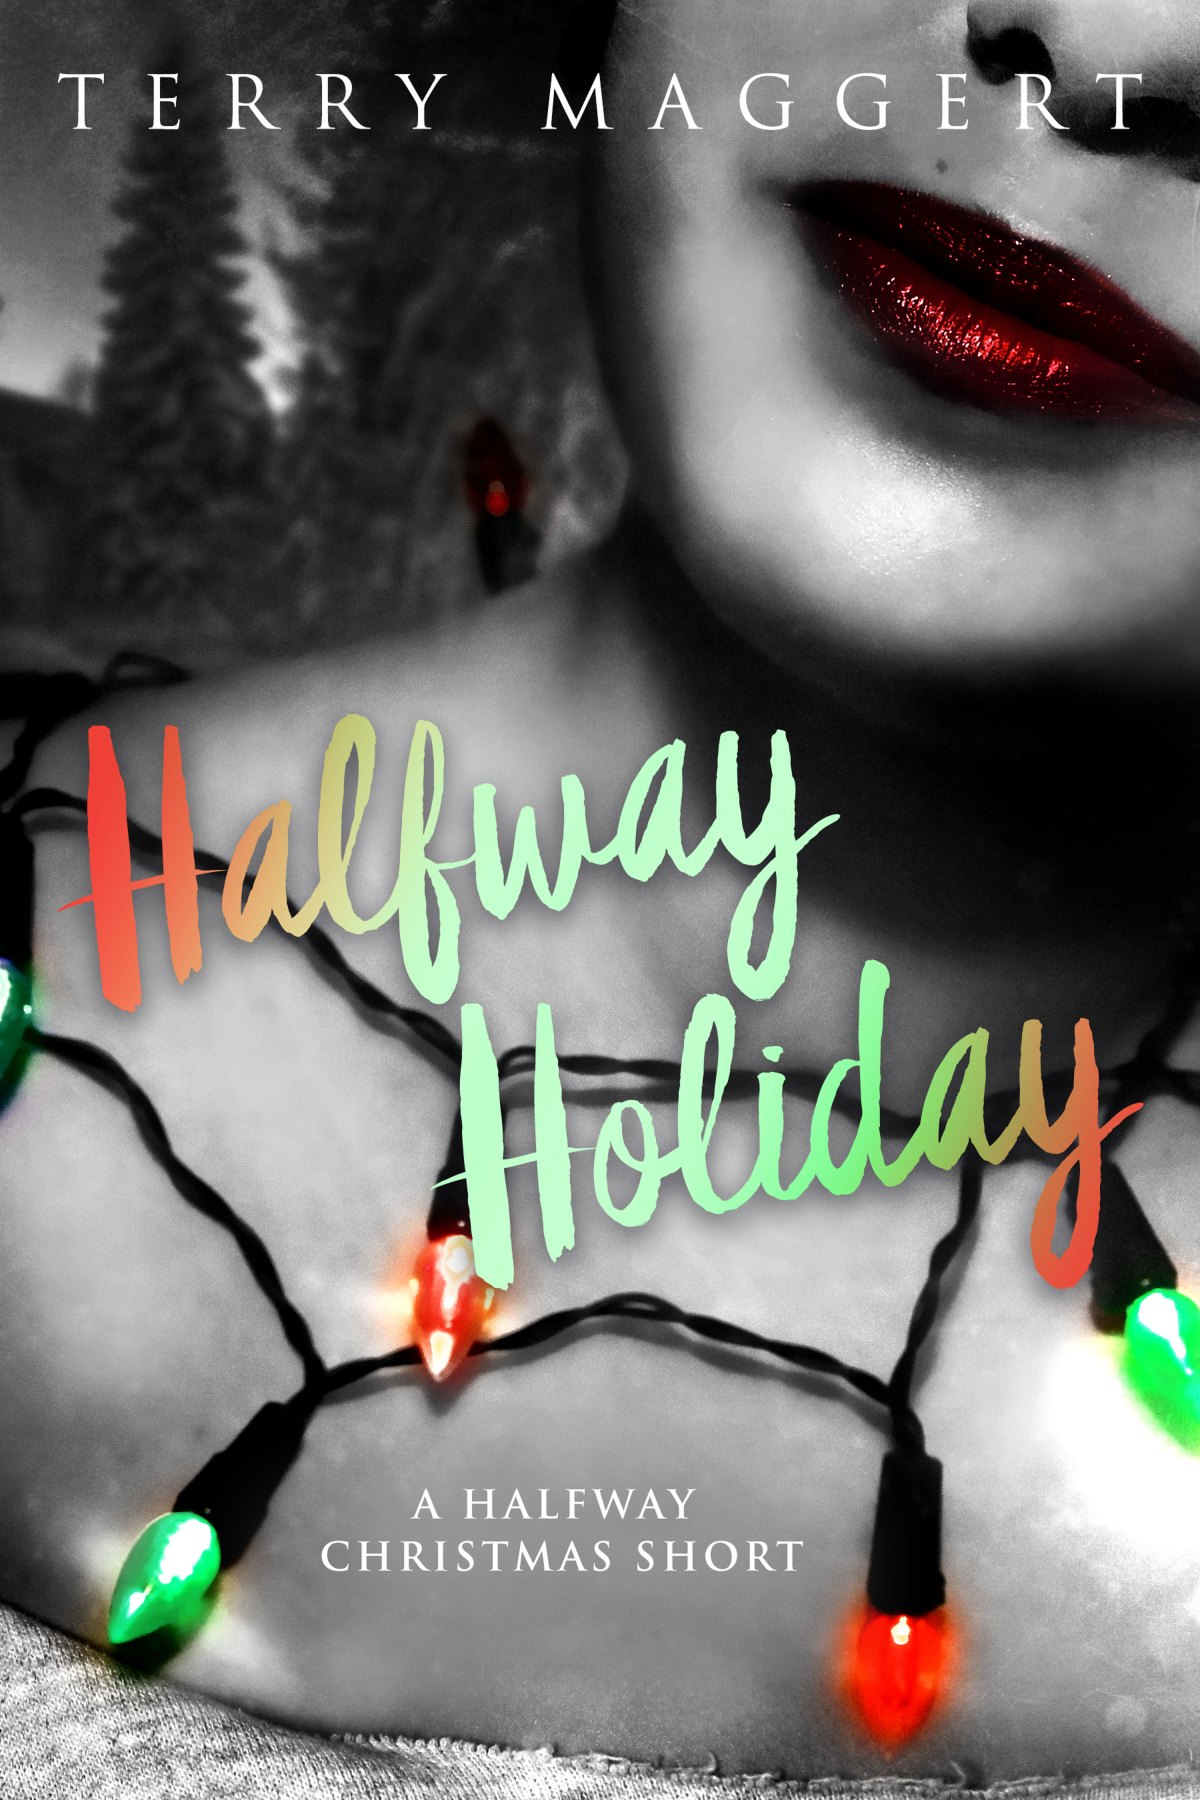 HalfwayHoliday_Ebook.v2_Amazon